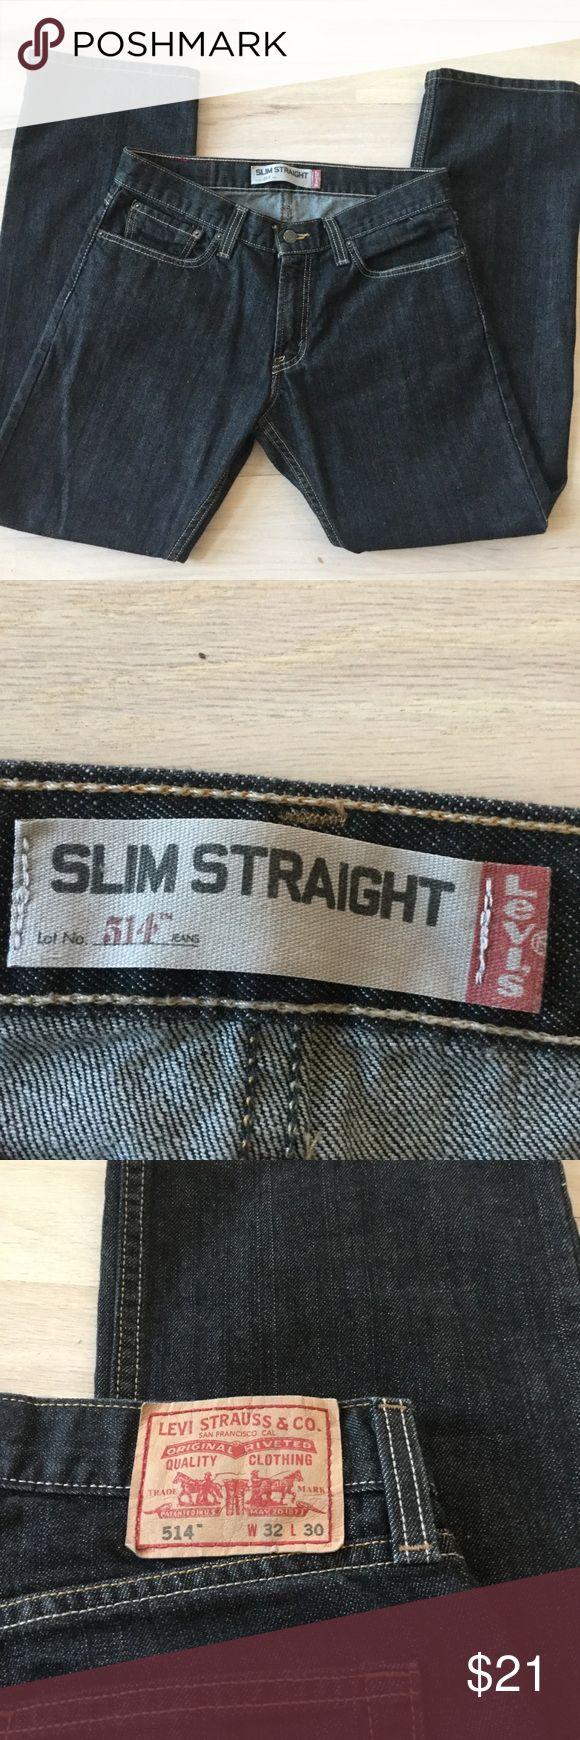 LEVIS JEANS 514 slim straight 32x30 EUC LEVI'S Jeans  Size W32 L 30 100% cotton LEVI'S Jeans Slim Straight